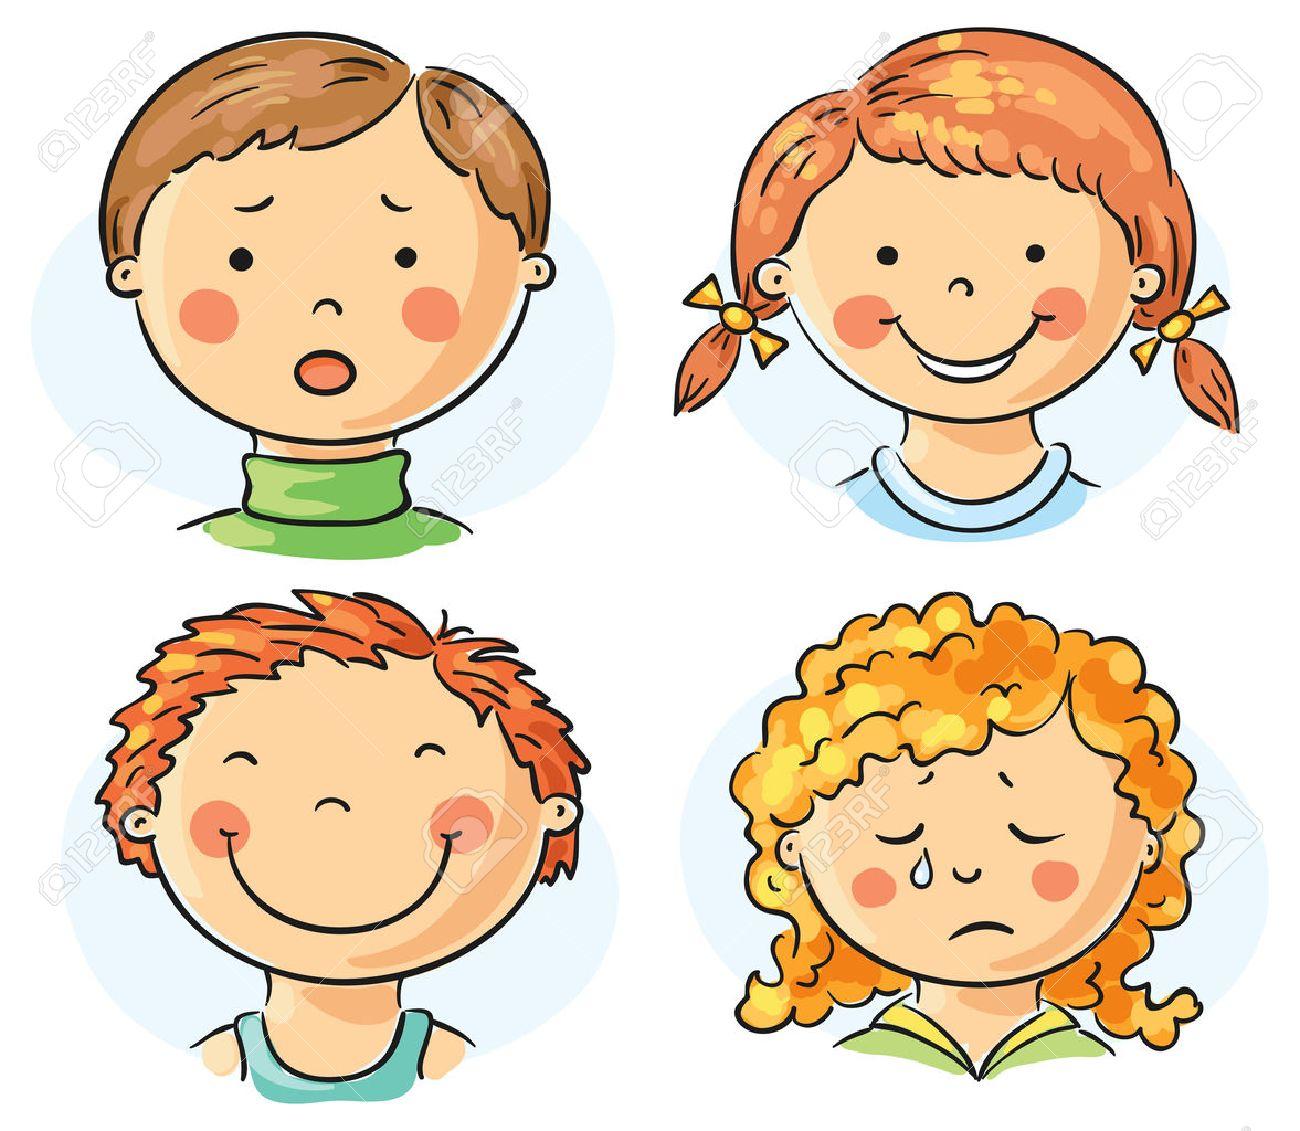 Conjunto De 4 Niños De Dibujos Animados Se Enfrenta Con Diferentes